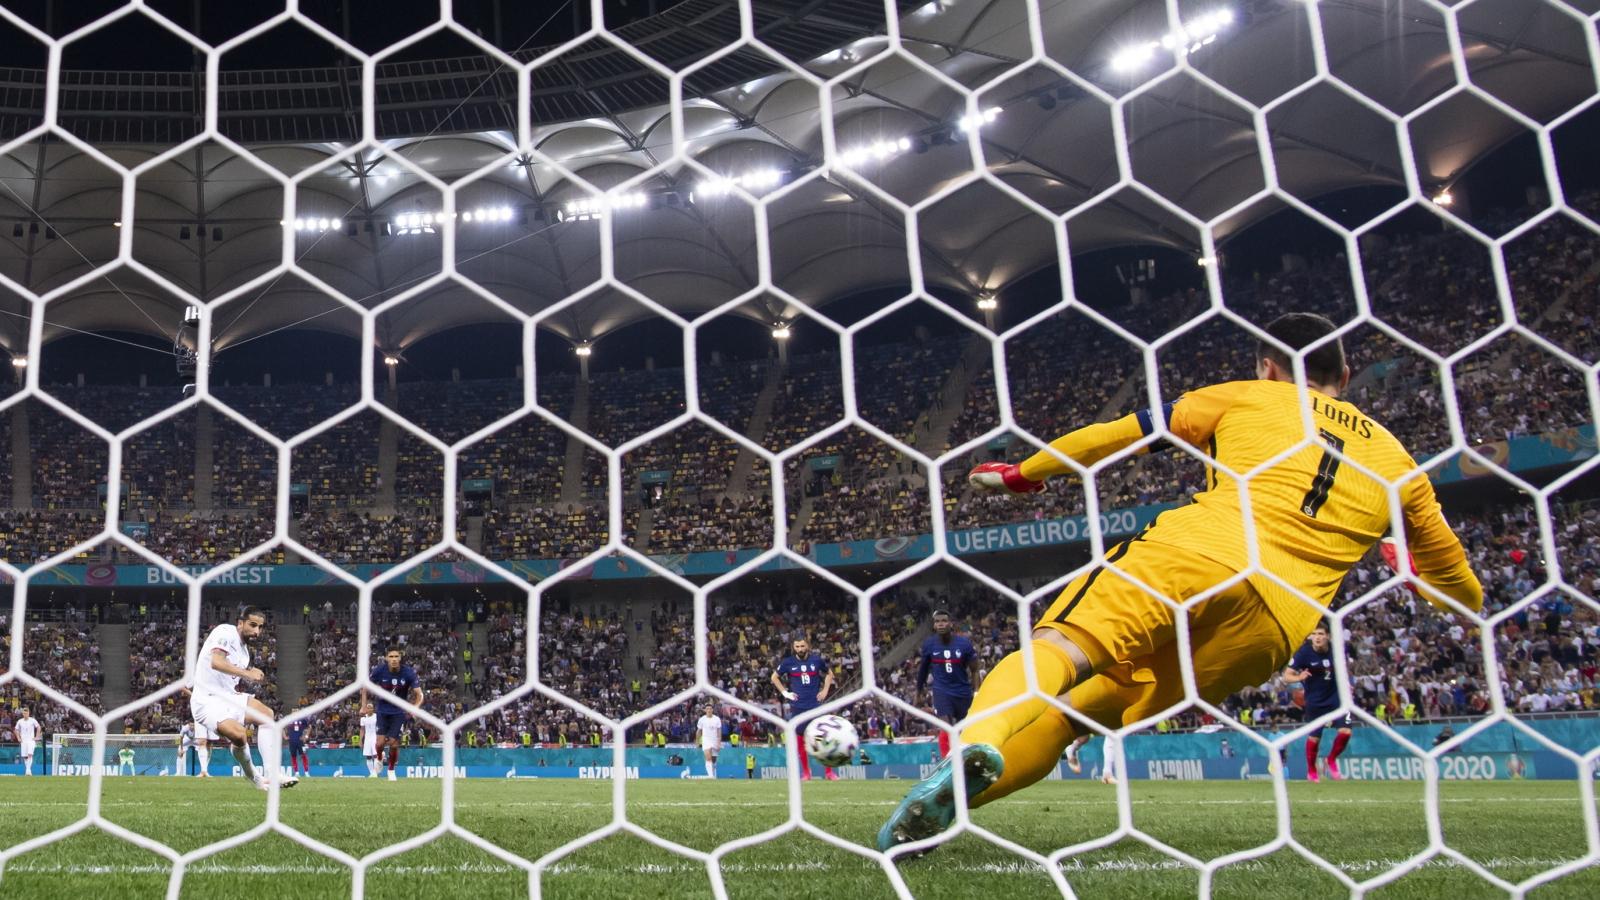 Francja i Chorwacja żegnają się z Euro 2020. Finaliści mundialu odpadli w 1/8 finału